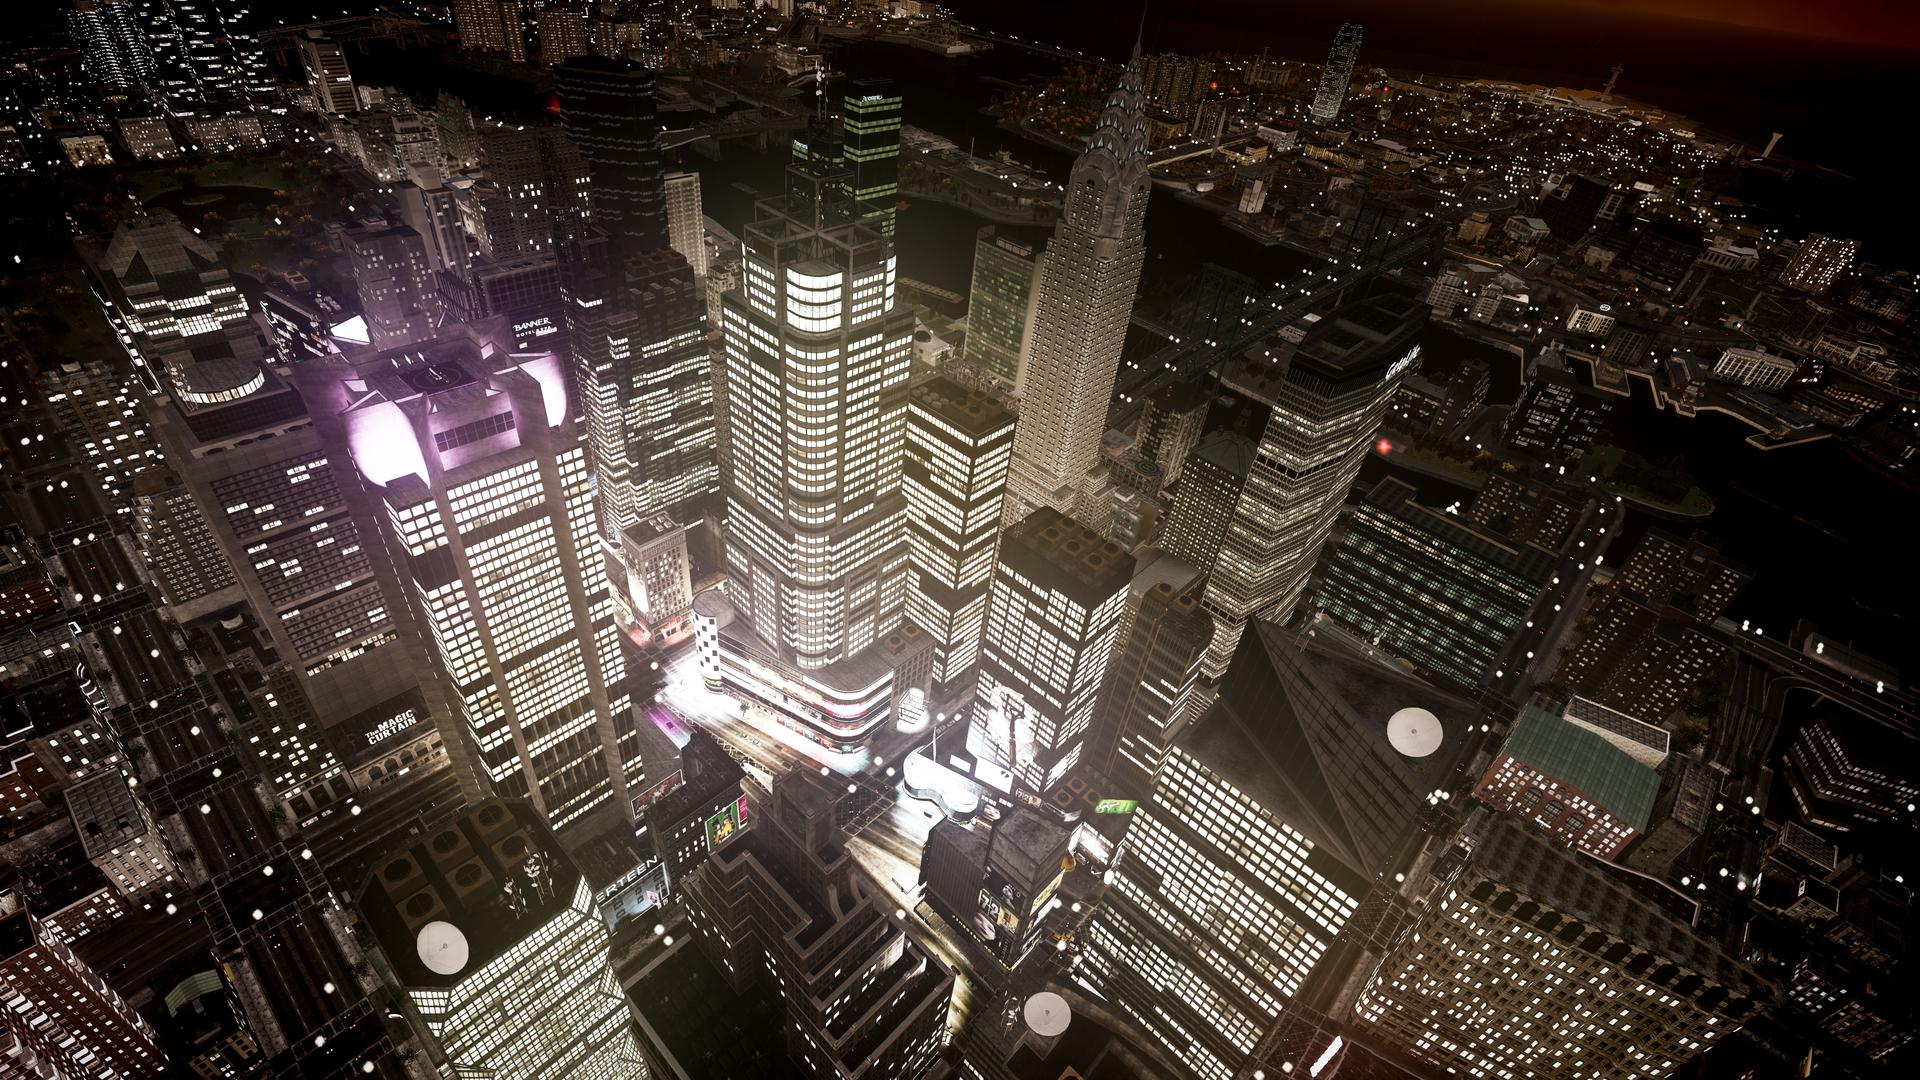 16665 скачать обои Пейзаж, Города, Ночь, Архитектура - заставки и картинки бесплатно